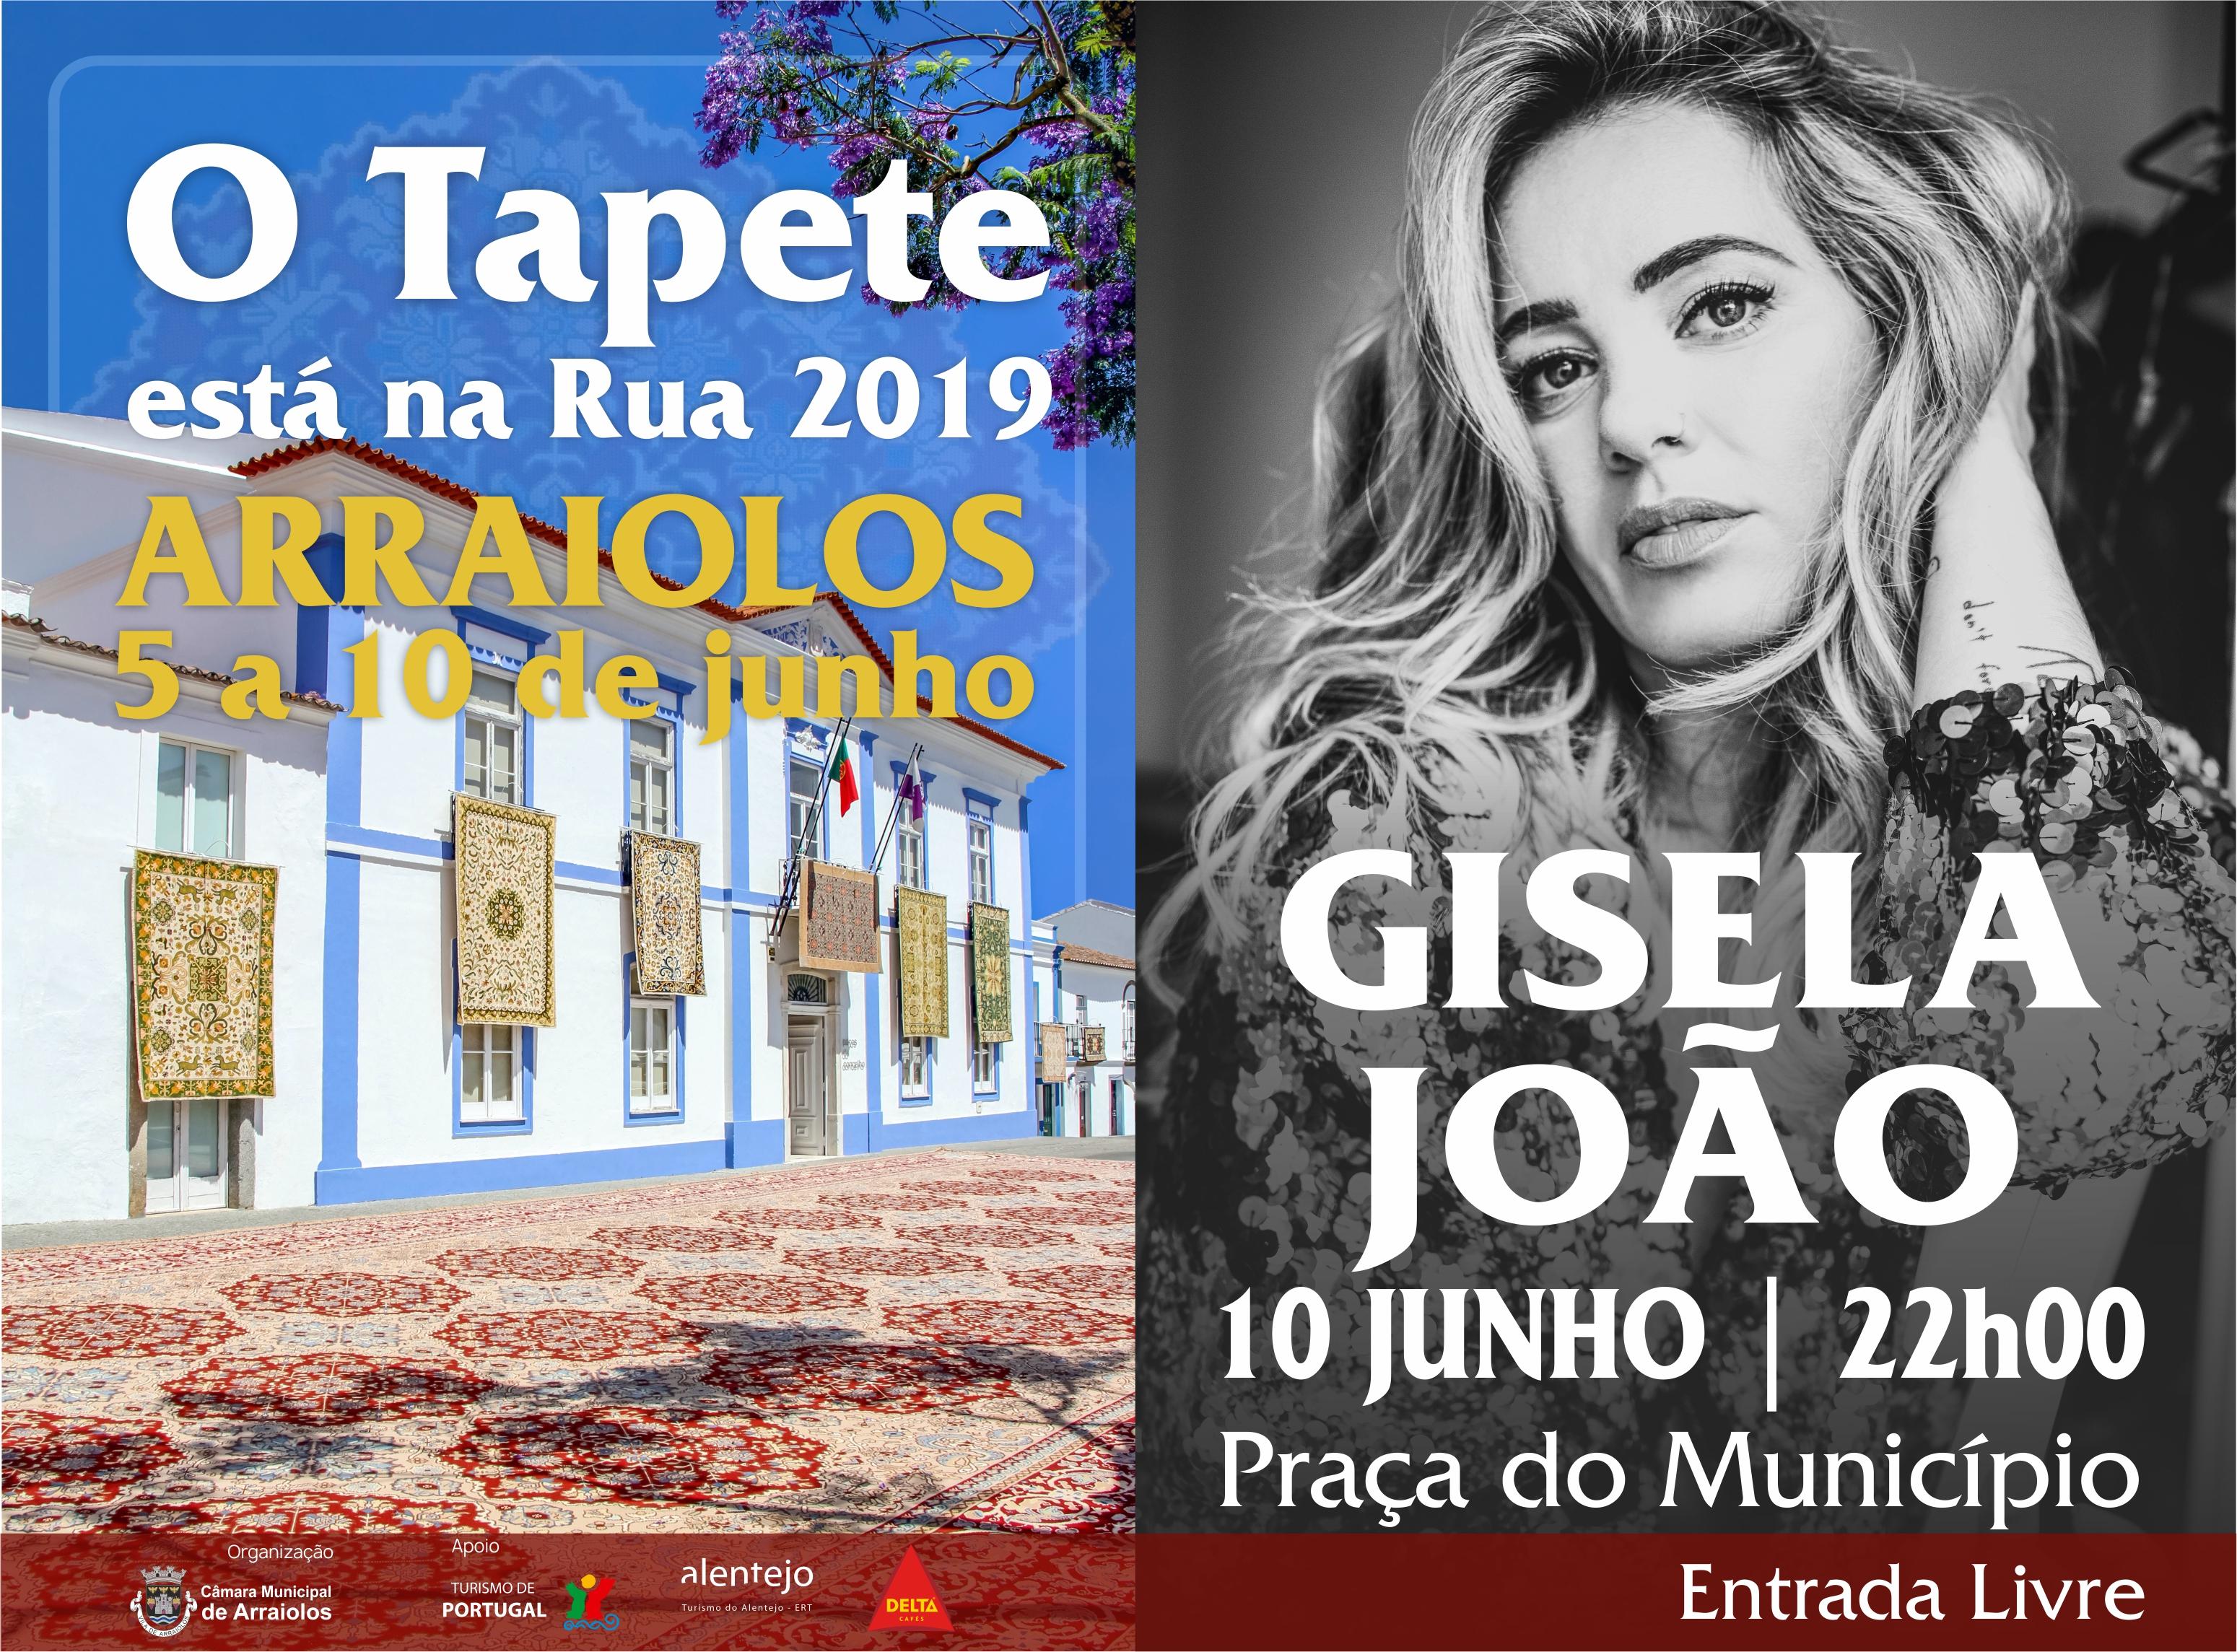 Gisela João Tapete Rua 2019.jpg